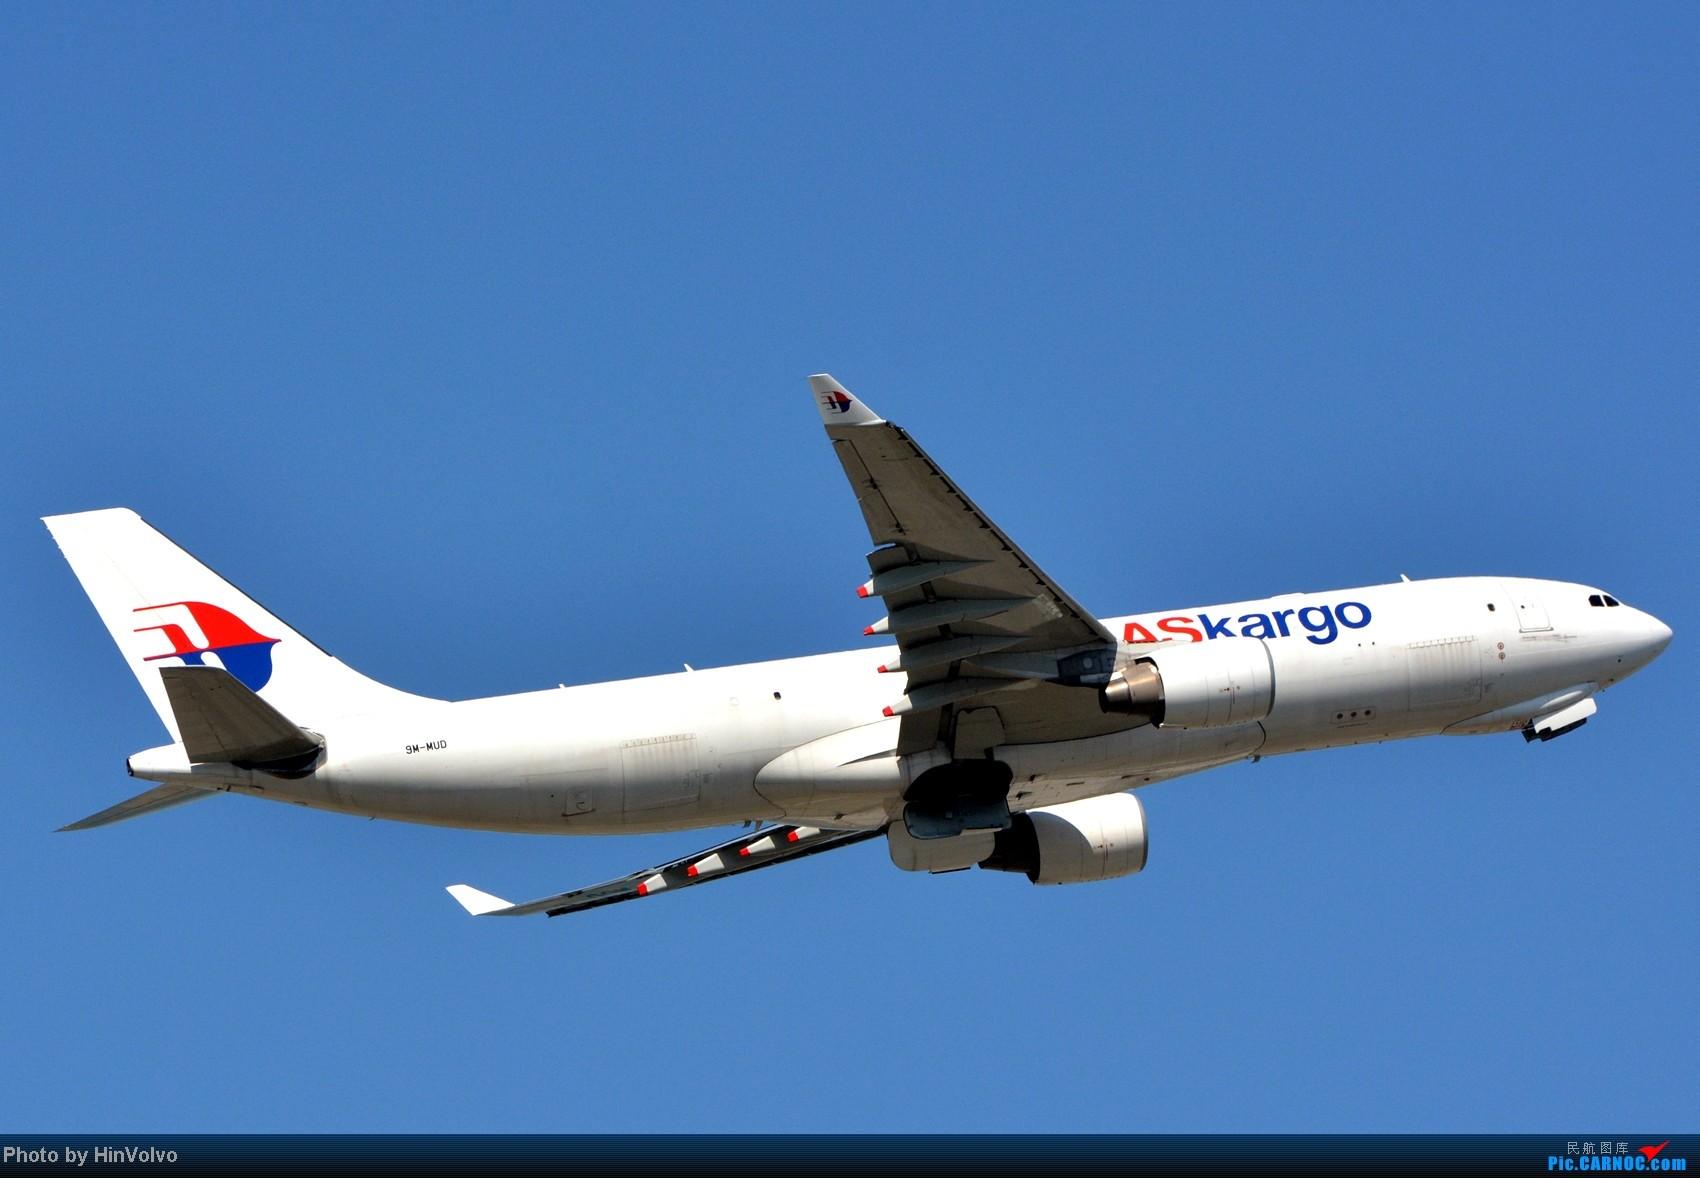 Re:[原创]~~~~多圖系列~~~HKG,早上好!寒冷的天氣出發前往機場拍到中午。 AIRBUS A330-300 9M-MUD 中国香港赤鱲角机场